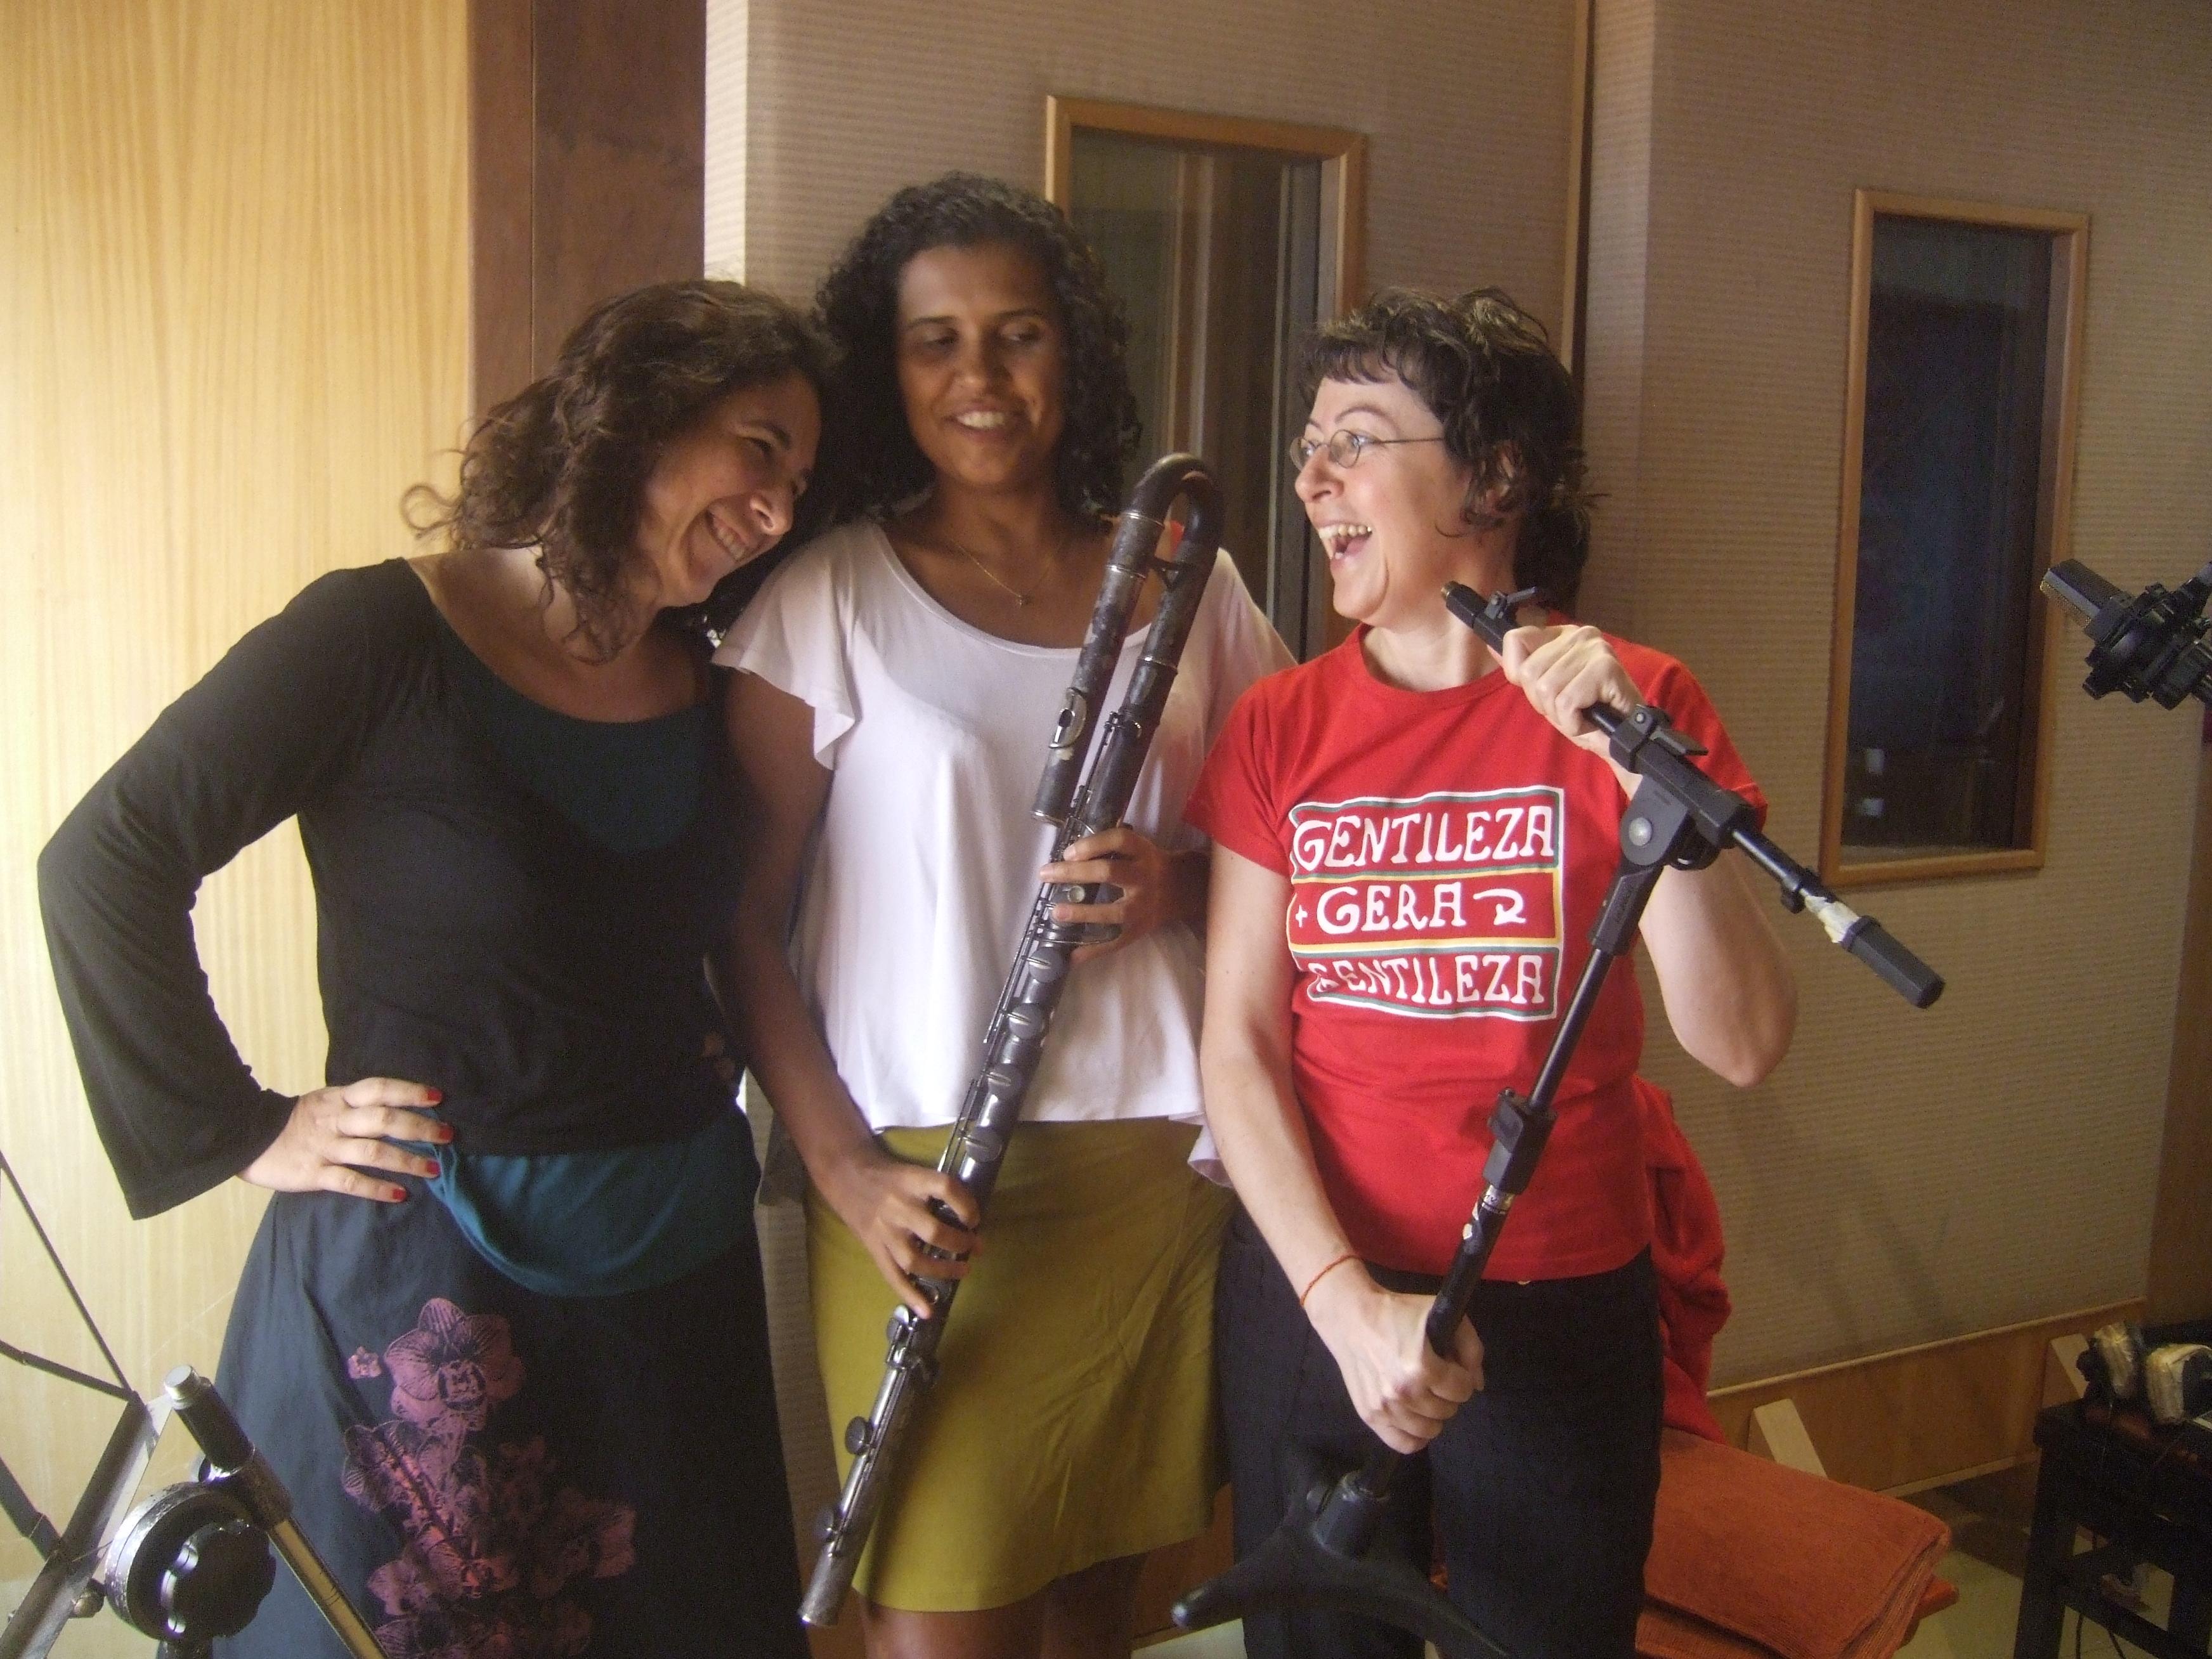 Verioca,_Aurelie,_Aline_Gonçalves_enregistrent_Au_studio_Tenda_da_Raposa